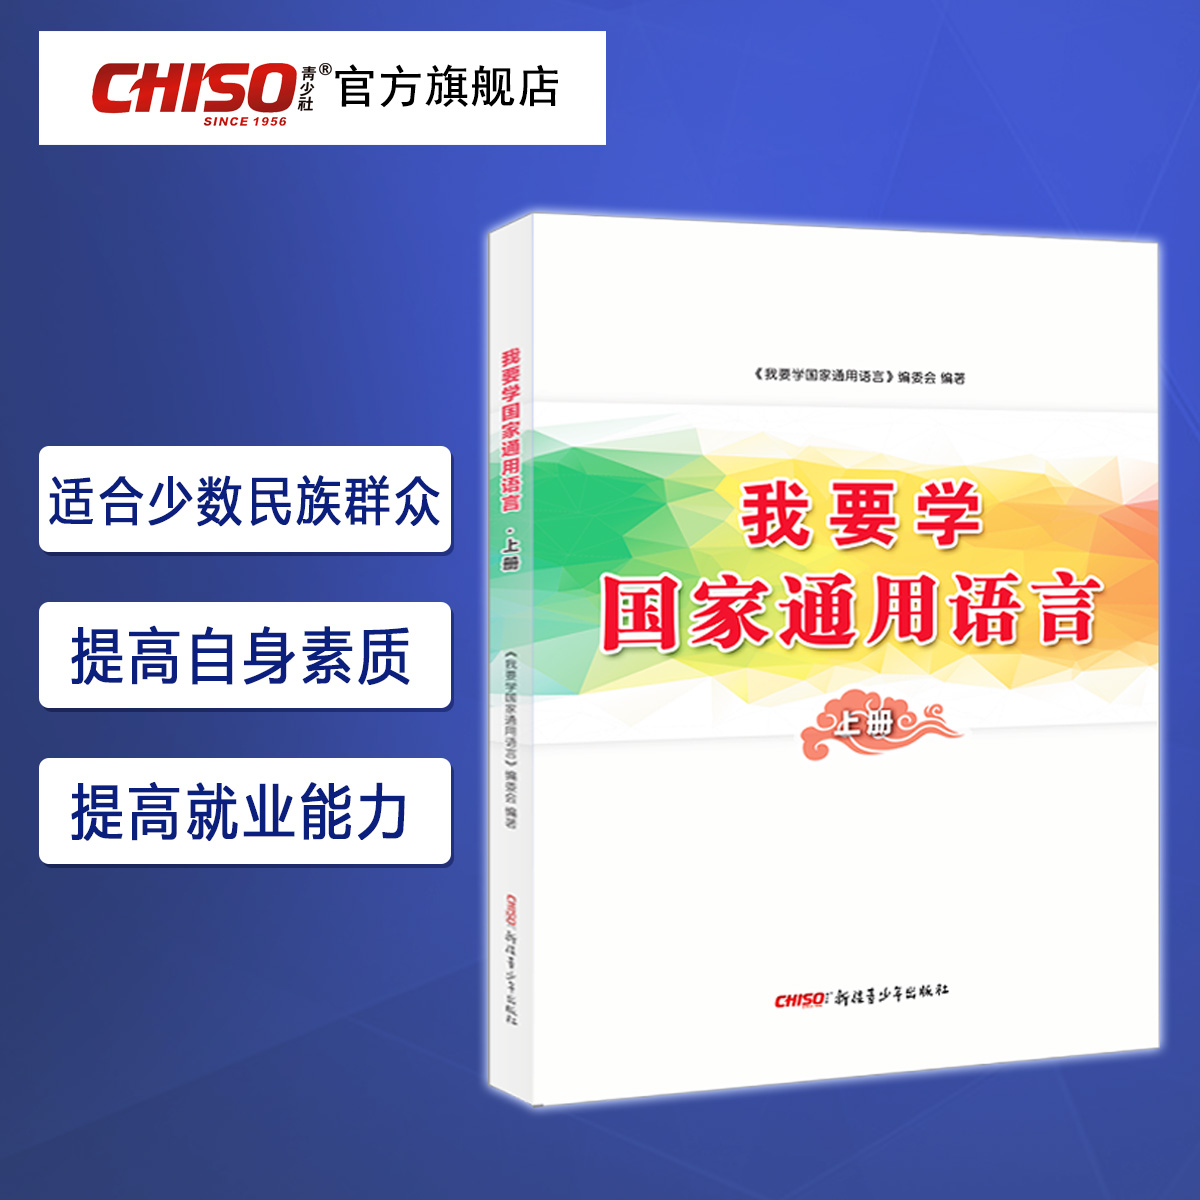 我要学通用语言上册 教你学汉语提高篇标准注音情景对话即学即用普通话学习培训教材书籍新疆乡村工作夜校教学手册